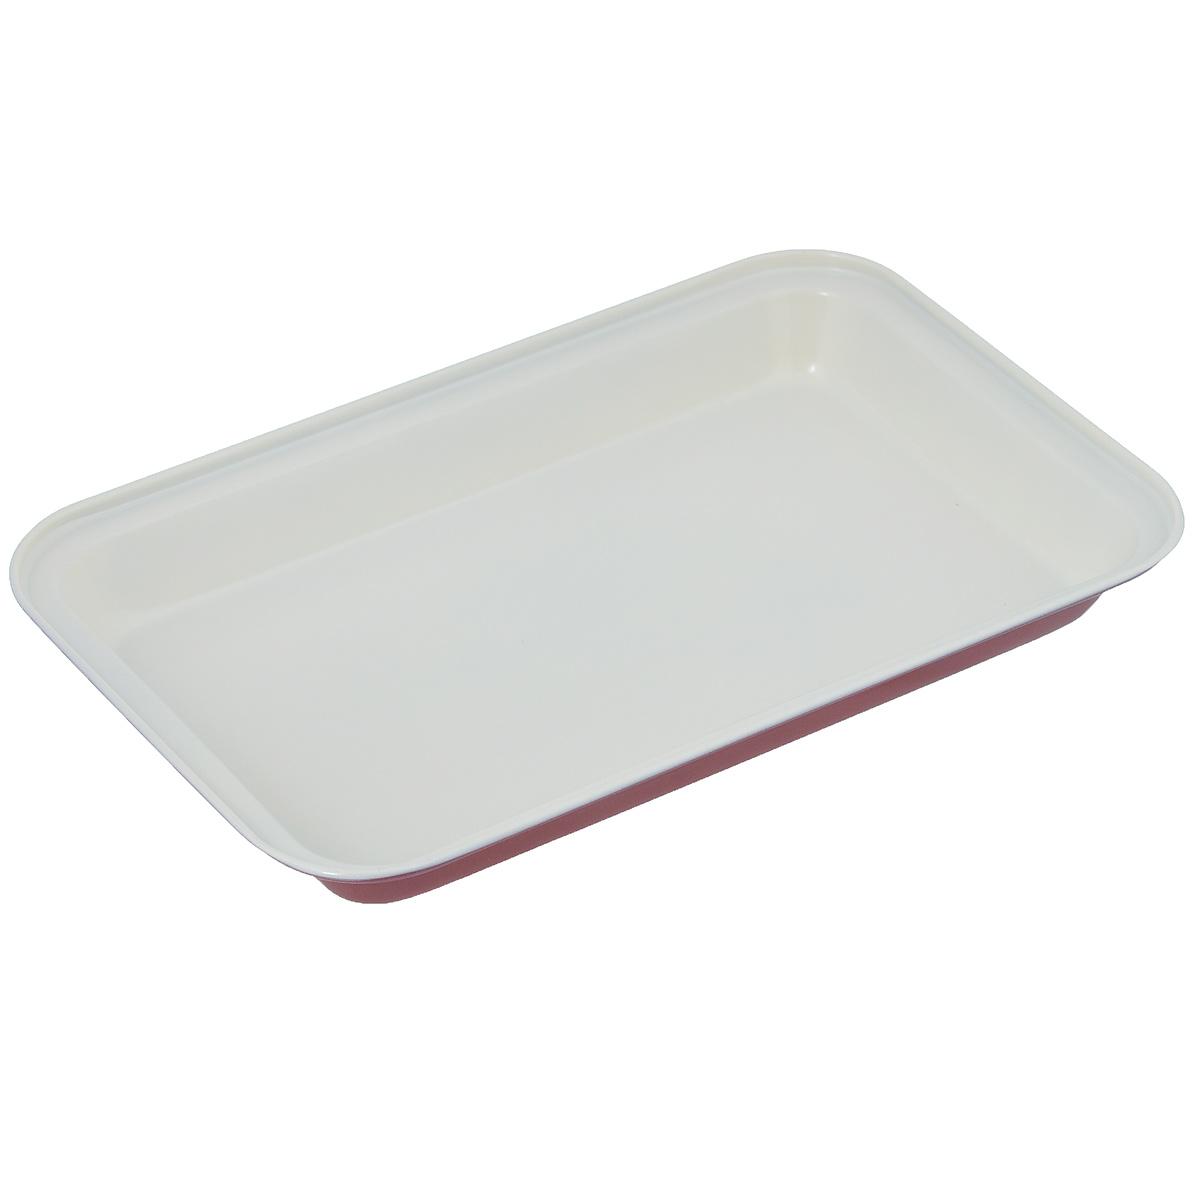 Форма для выпечки Bekker, скерамическим покрытием, прямоугольная, цвет: красный, белый, 18 см х 28 см94672Прямоугольная форма Bekker изготовлена из углеродистой стали с антипригарным керамическим покрытием Pfluon, благодаря чему пища не пригорает и не прилипает к стенкам посуды. Снаружи форма покрыта цветным жаропрочным покрытием. Готовить можно с добавлением минимального количества масла и жиров. Антипригарное покрытие также обеспечивает легкость мытья. Стенки ровные.Для чистки нельзя использовать абразивные чистящие средства и жесткие губки. Подходит для использования в духовом шкафу. Нельзя мыть в посудомоечной машине.